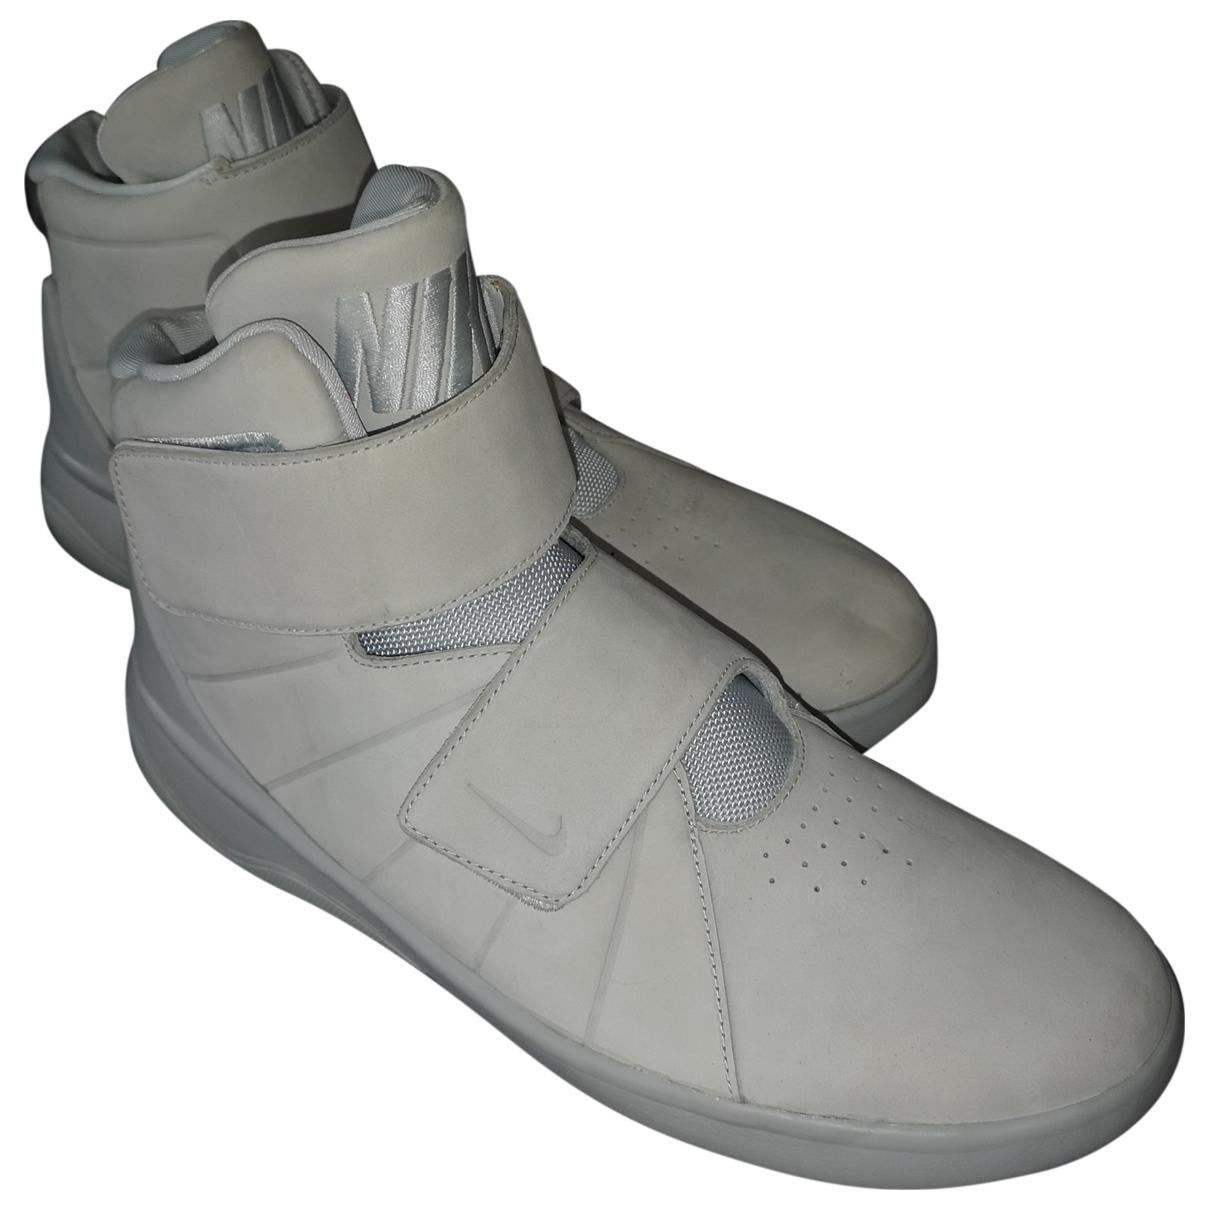 Nike - Baskets   pour homme en suede - blanc